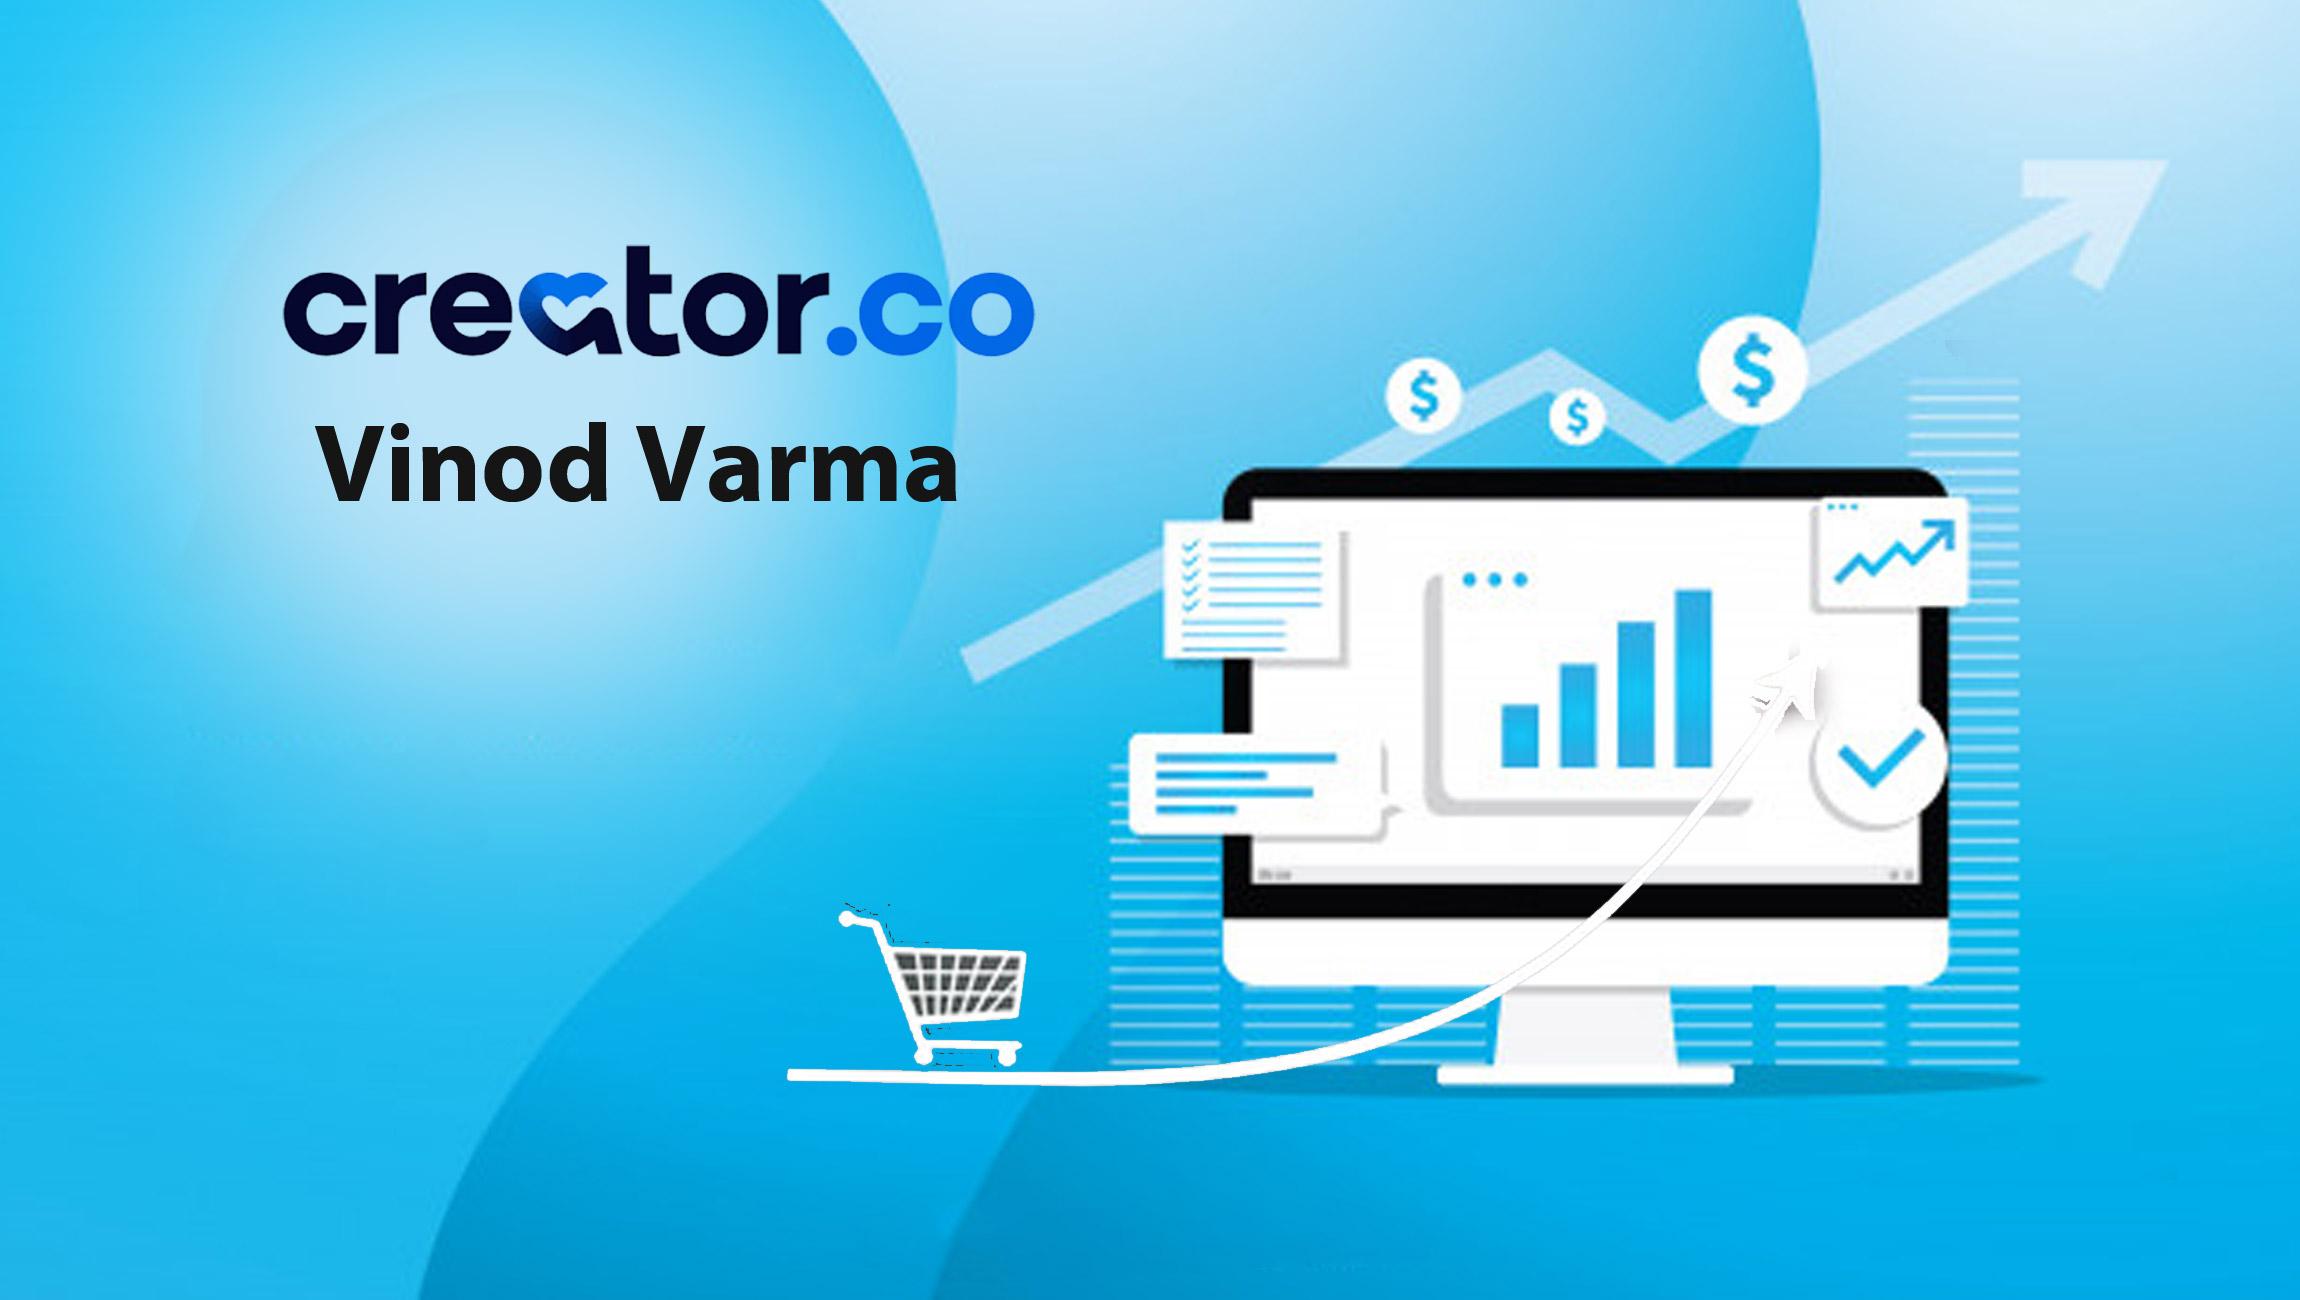 Vinod-Varma_SalesTechStar-Creator-guest-article